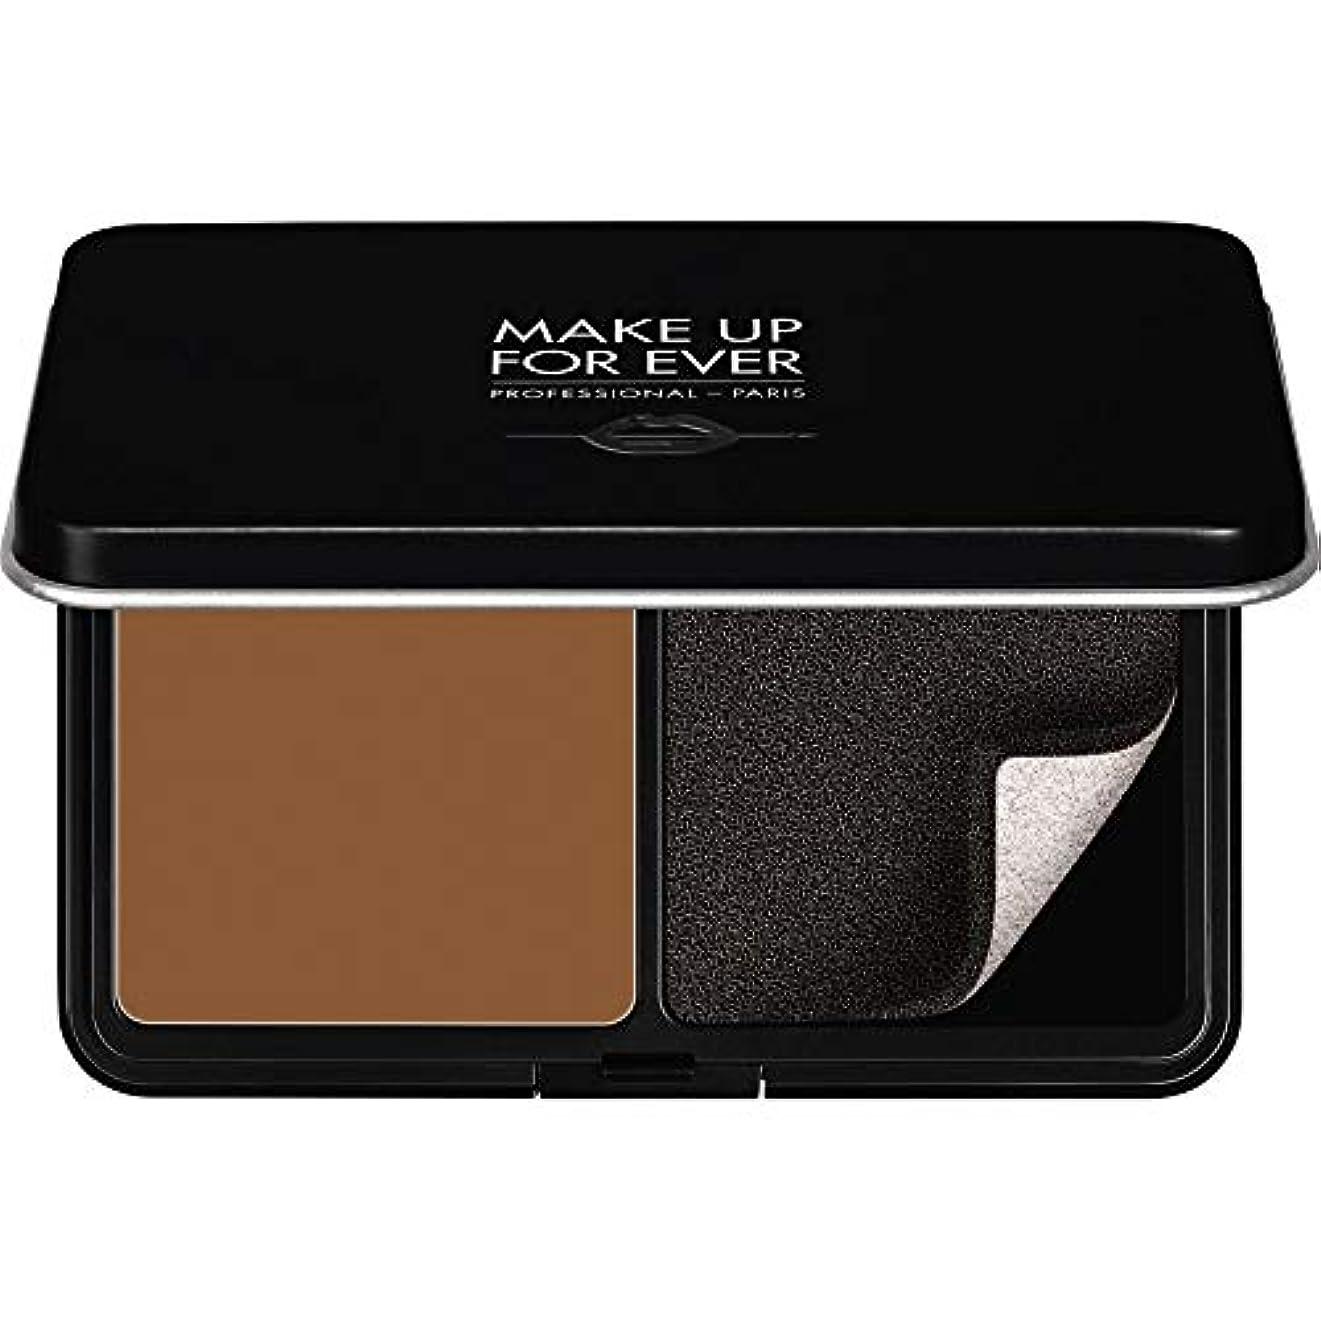 異常金額構成[MAKE UP FOR EVER] パウダーファンデーション11GののR530をぼかし、これまでマットベルベットの肌を補う - ブラウン - MAKE UP FOR EVER Matte Velvet Skin Blurring Powder Foundation 11g R530 - Brown [並行輸入品]